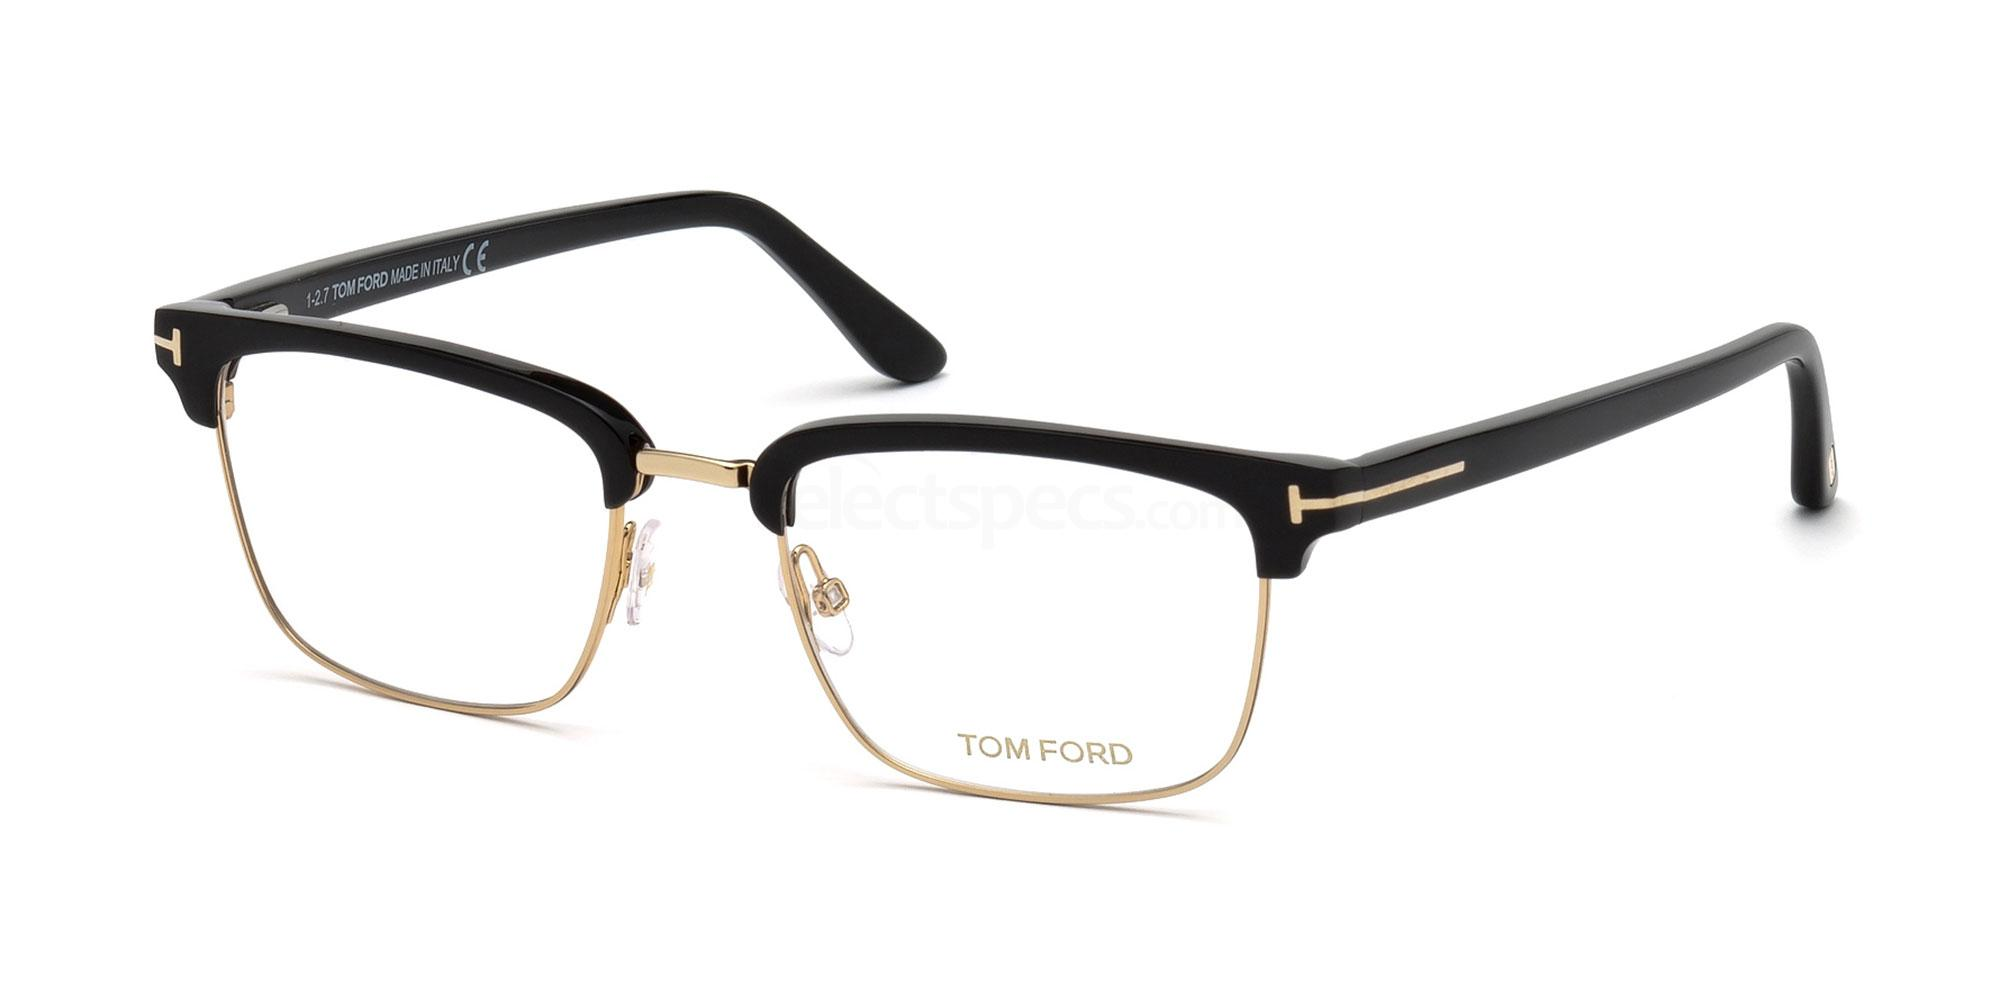 001 FT5504 Glasses, Tom Ford